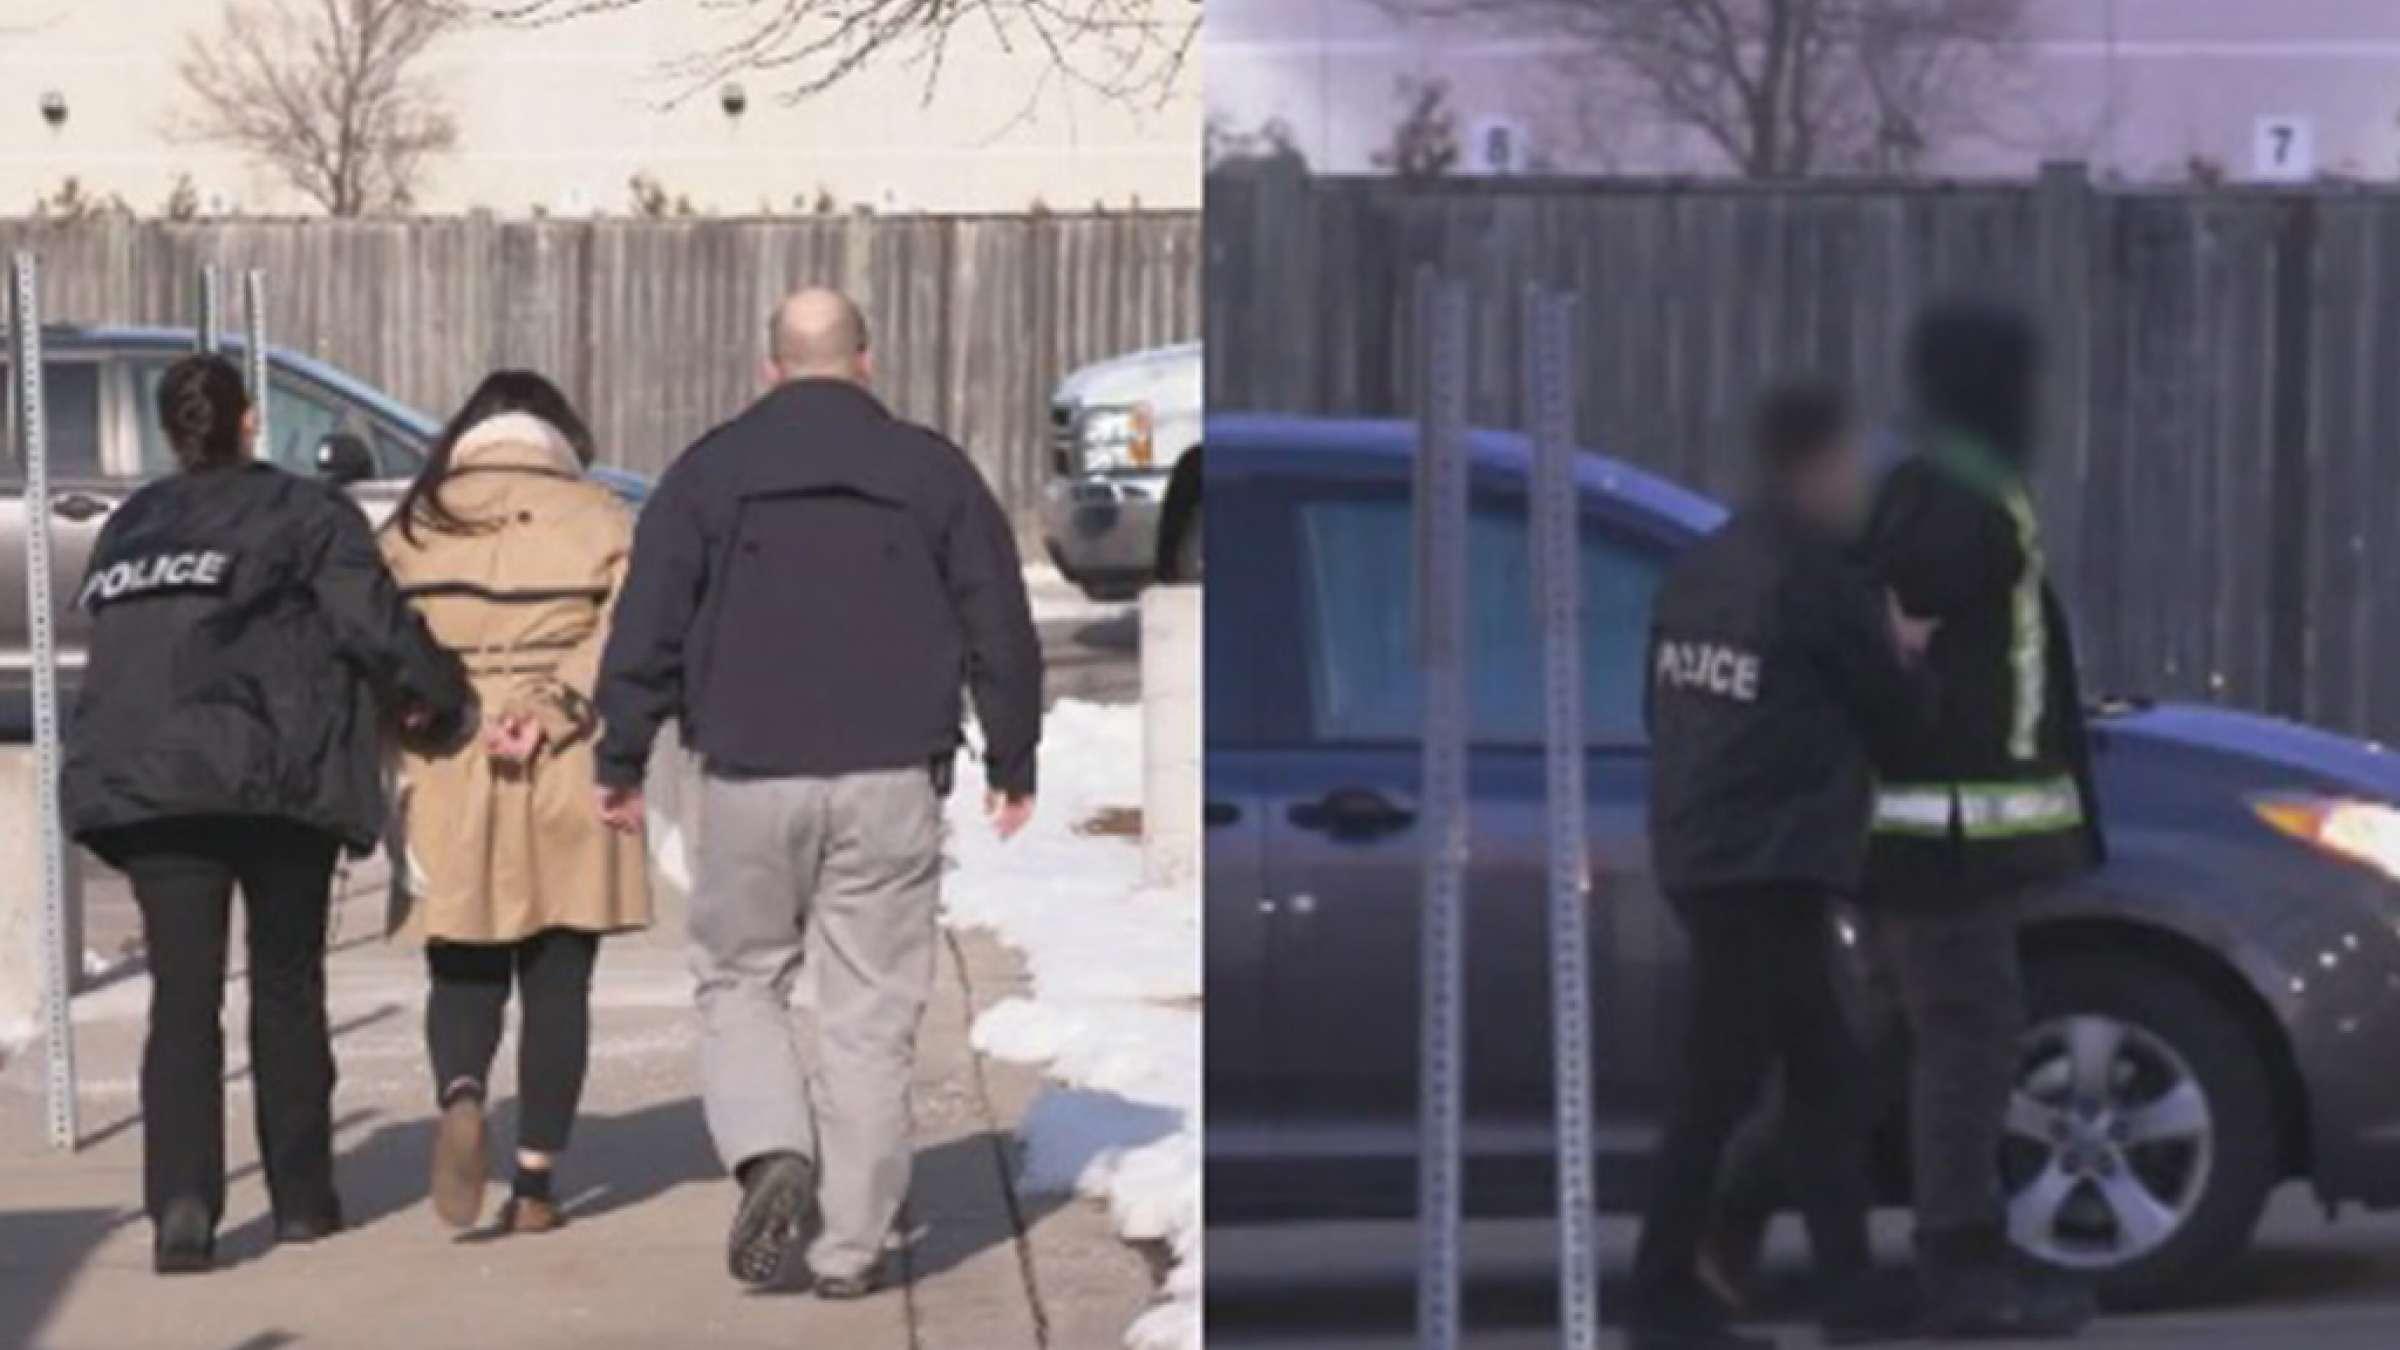 اخبار-کانادا-پلیس-فدرال-رئیس-کلاهبرداری-تلفنی-از-کانادایی-ها-را-دستگیر-کرد